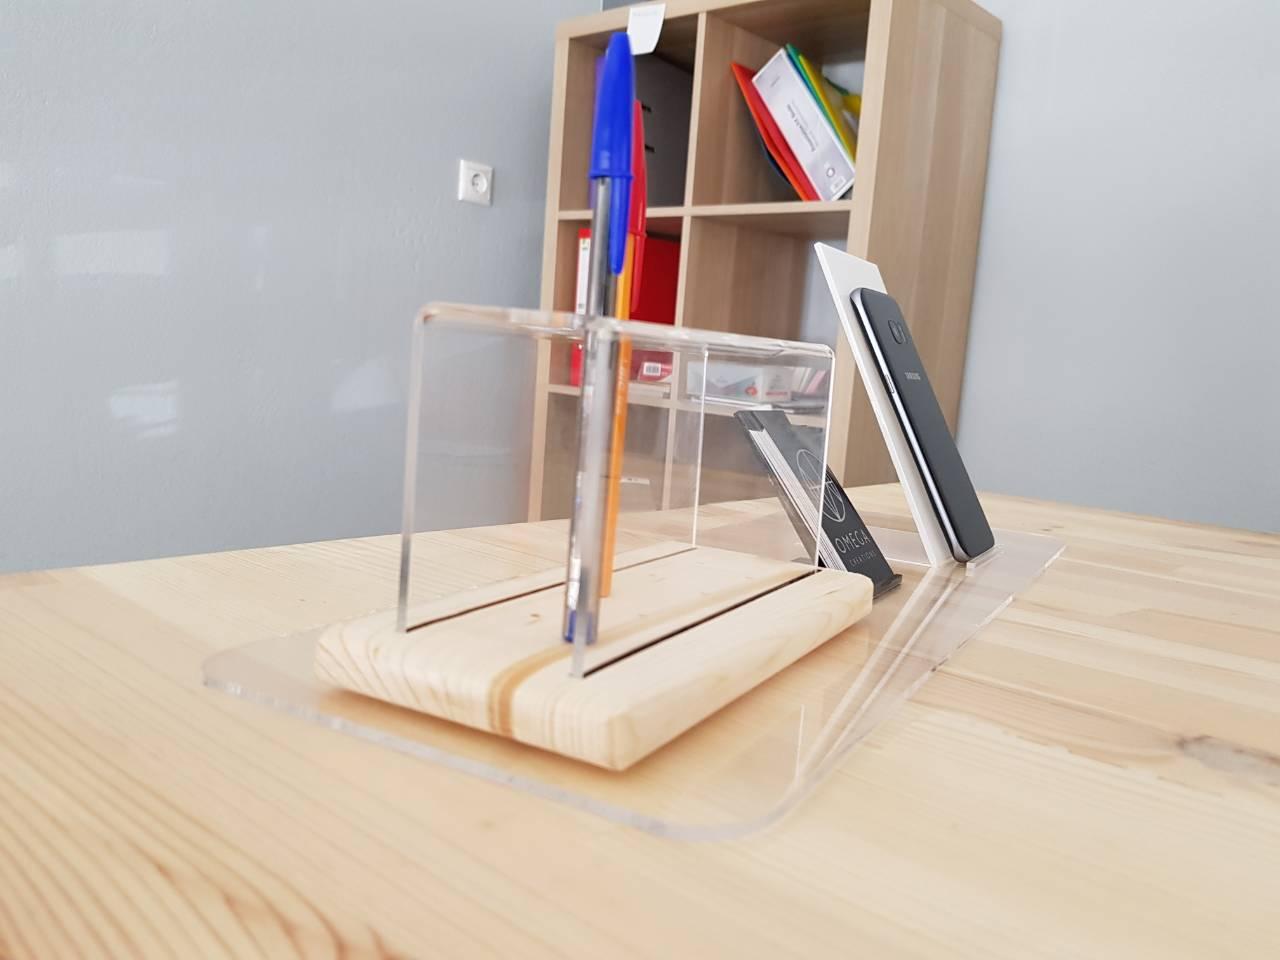 Κατασκευη Plexiglass - Laser κοπη Plexiglass - Ειδη γραφειου